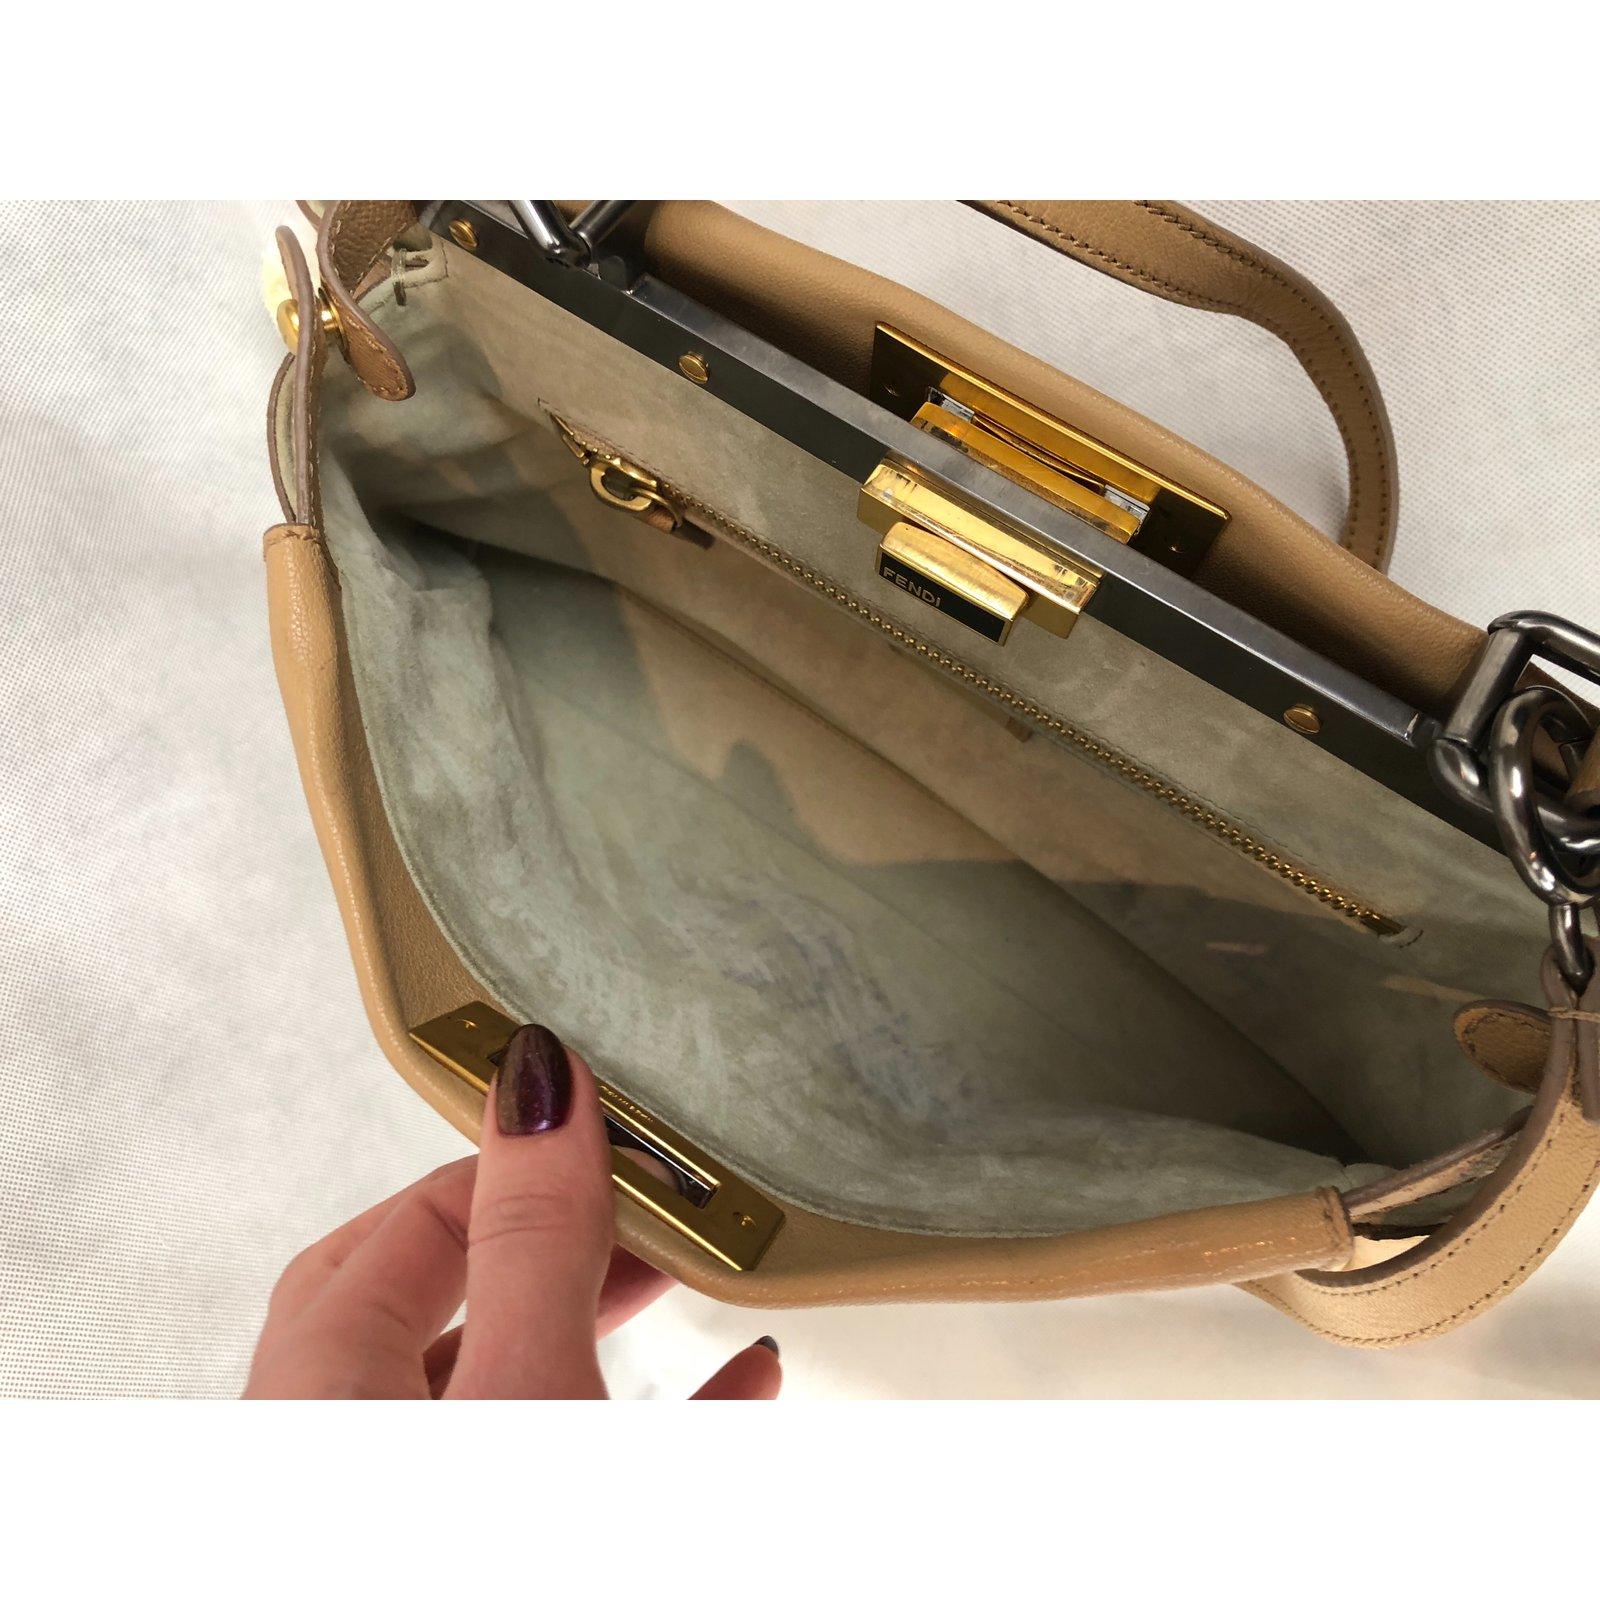 Fendi Peekaboo Handbags Leather Beige ref.83489 - Joli Closet db73f41f8d945